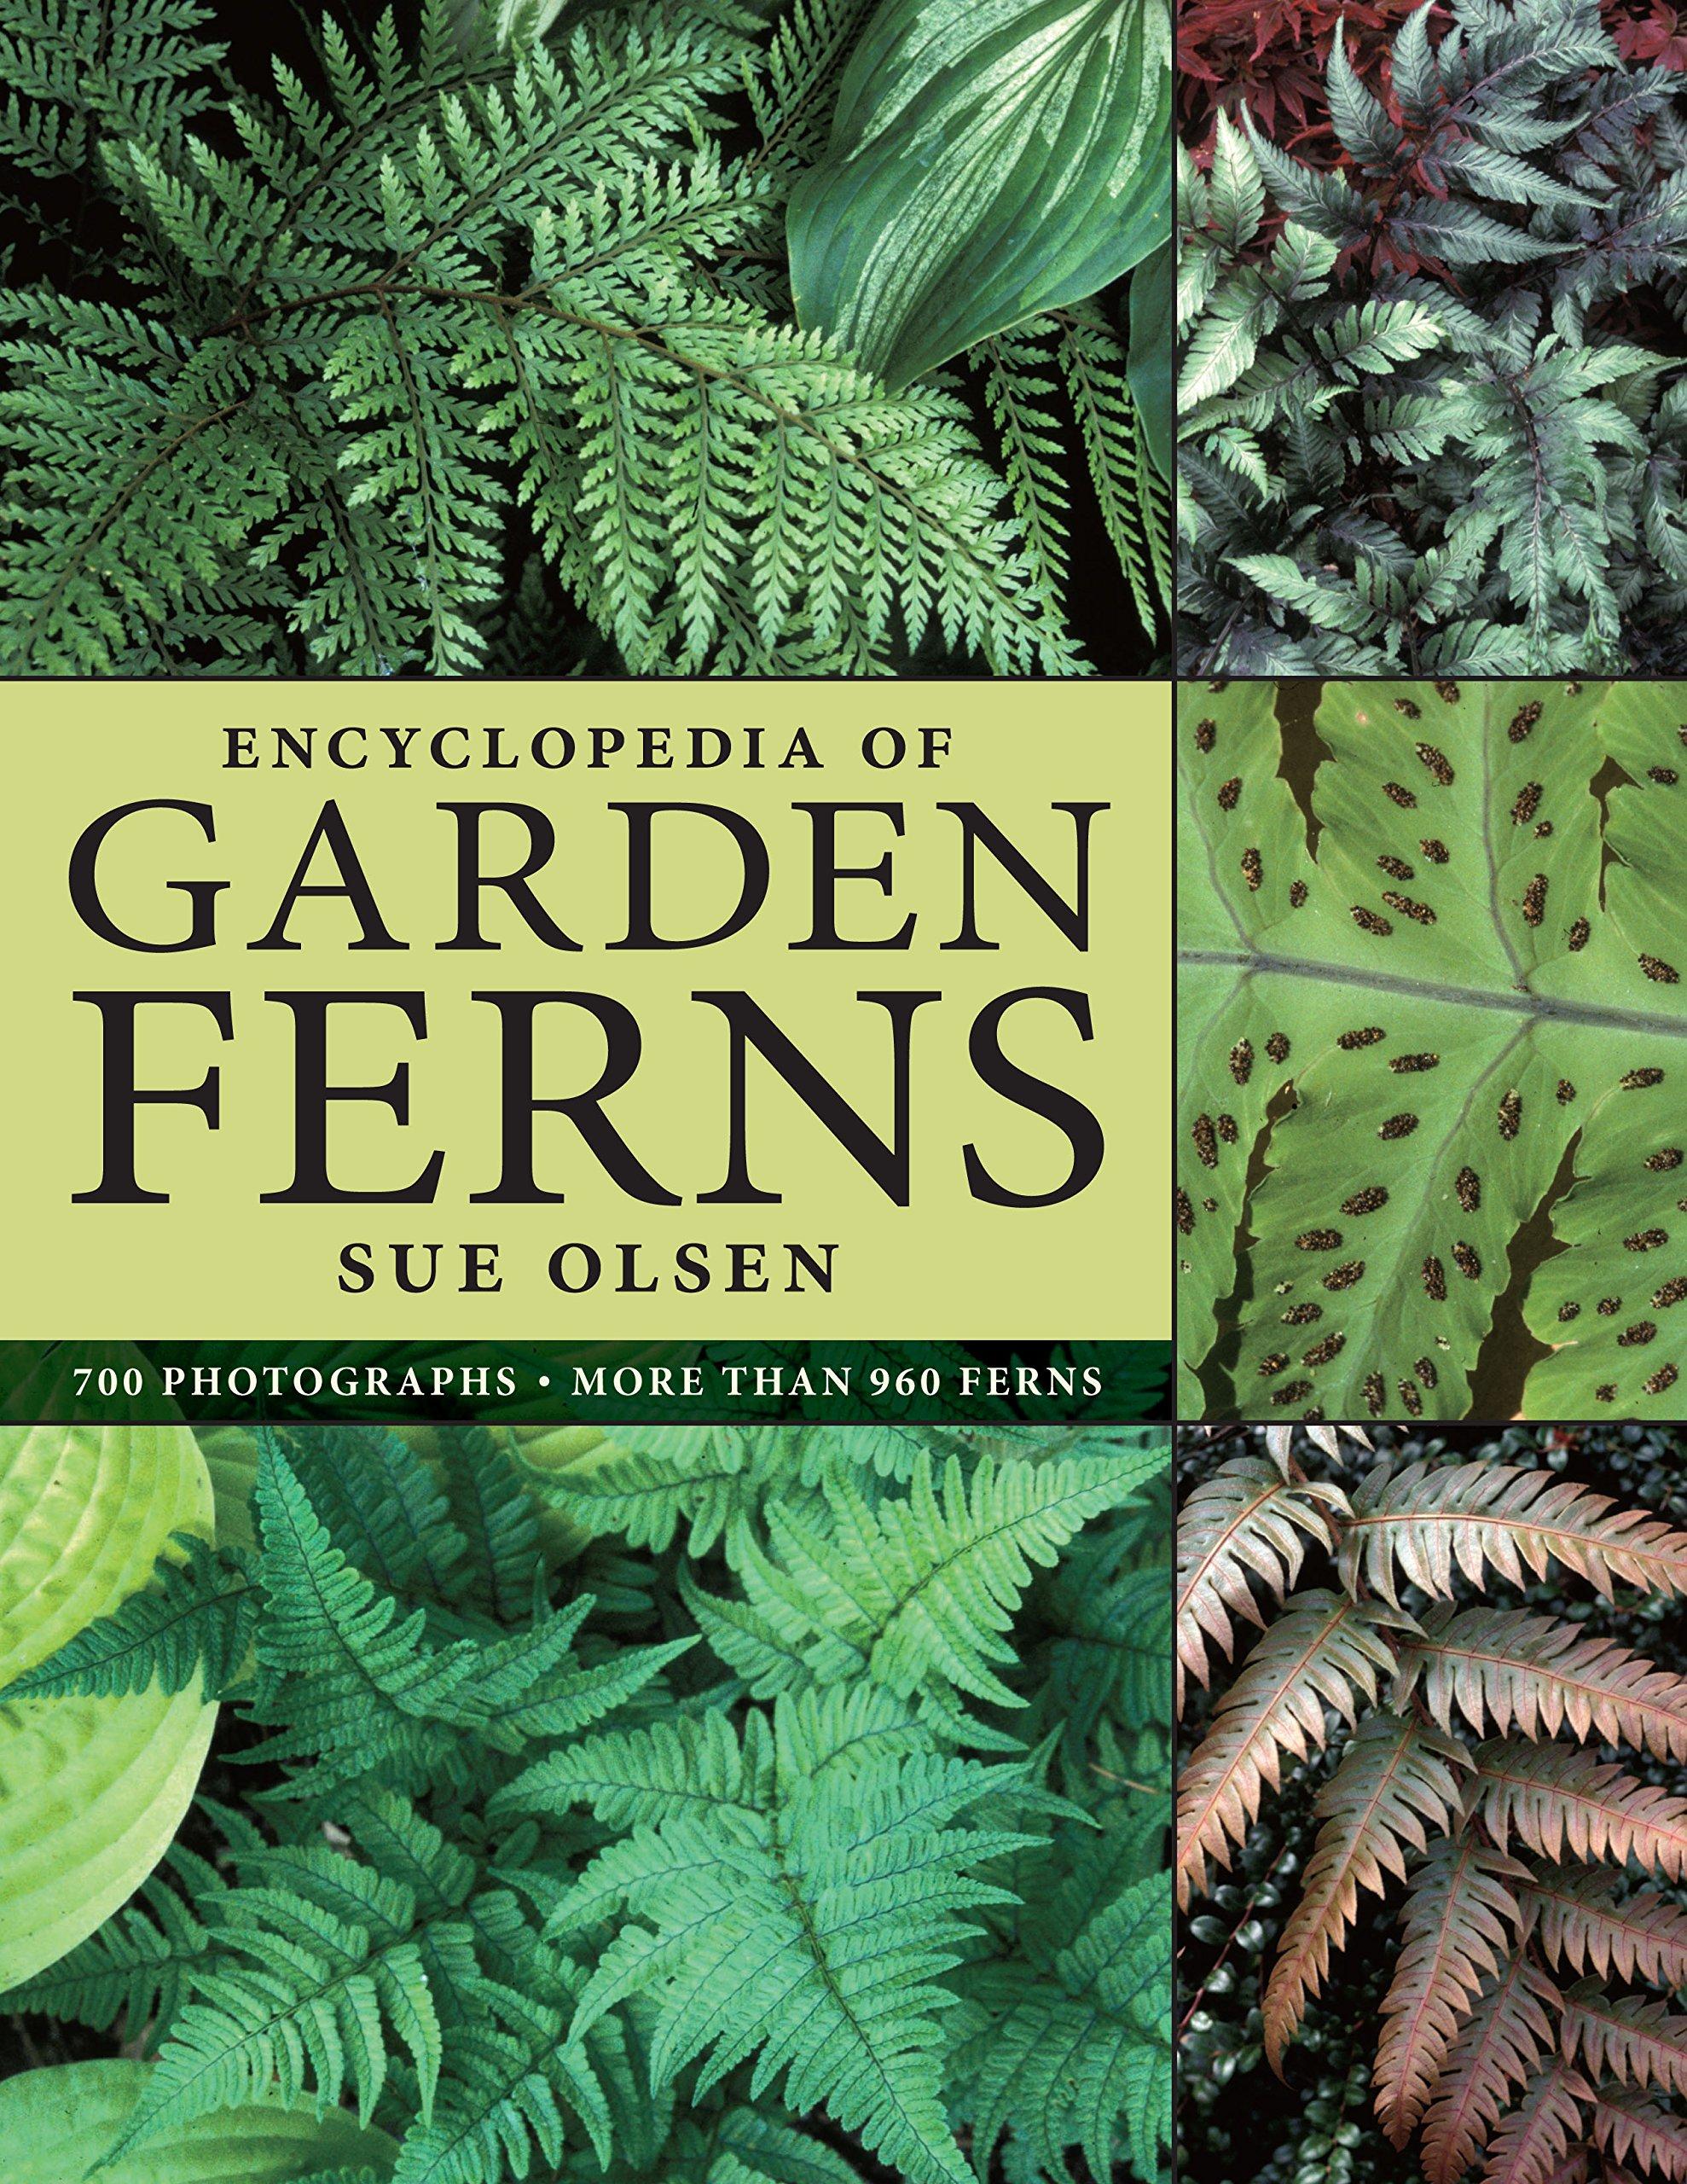 Bon Encyclopedia Of Garden Ferns: Sue Olsen: 9780881928198: Amazon.com: Books